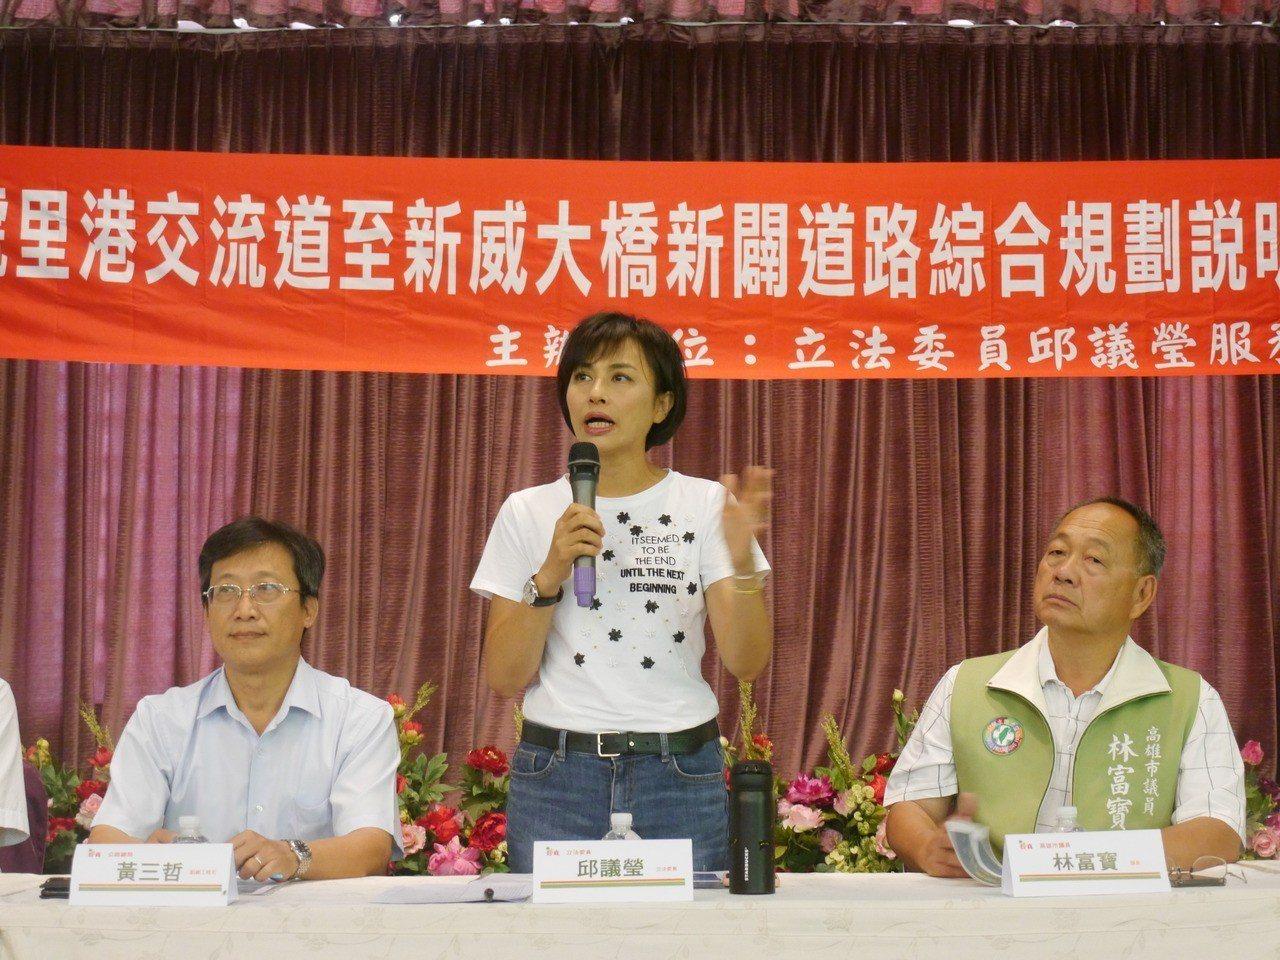 民進黨籍邱議瑩是第一選區的現任立委。圖/本報資料照